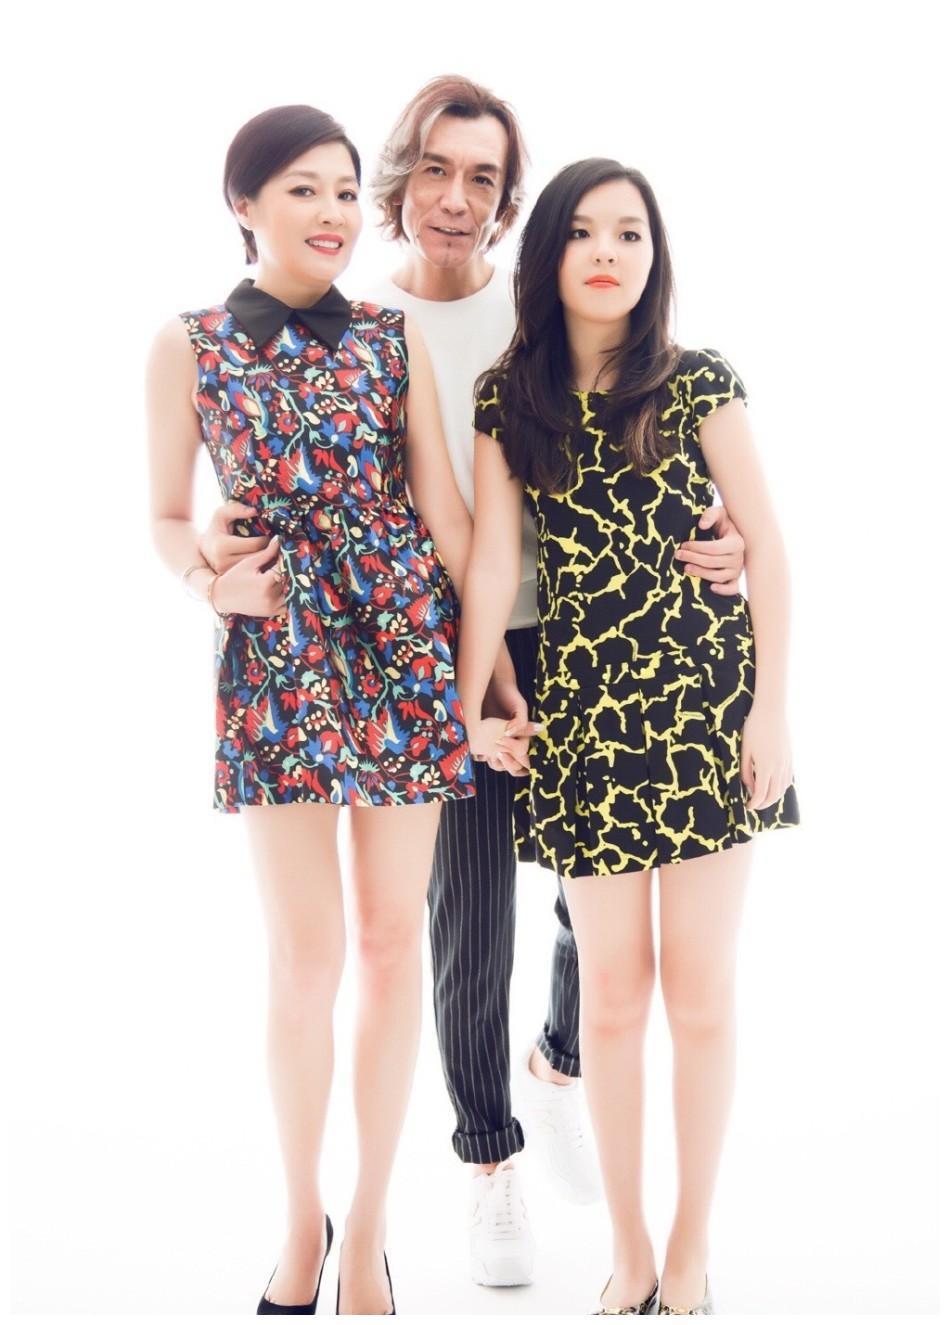 李咏去世时隔2年,哈文和女儿活成了这样,娱乐圈和网红的区别